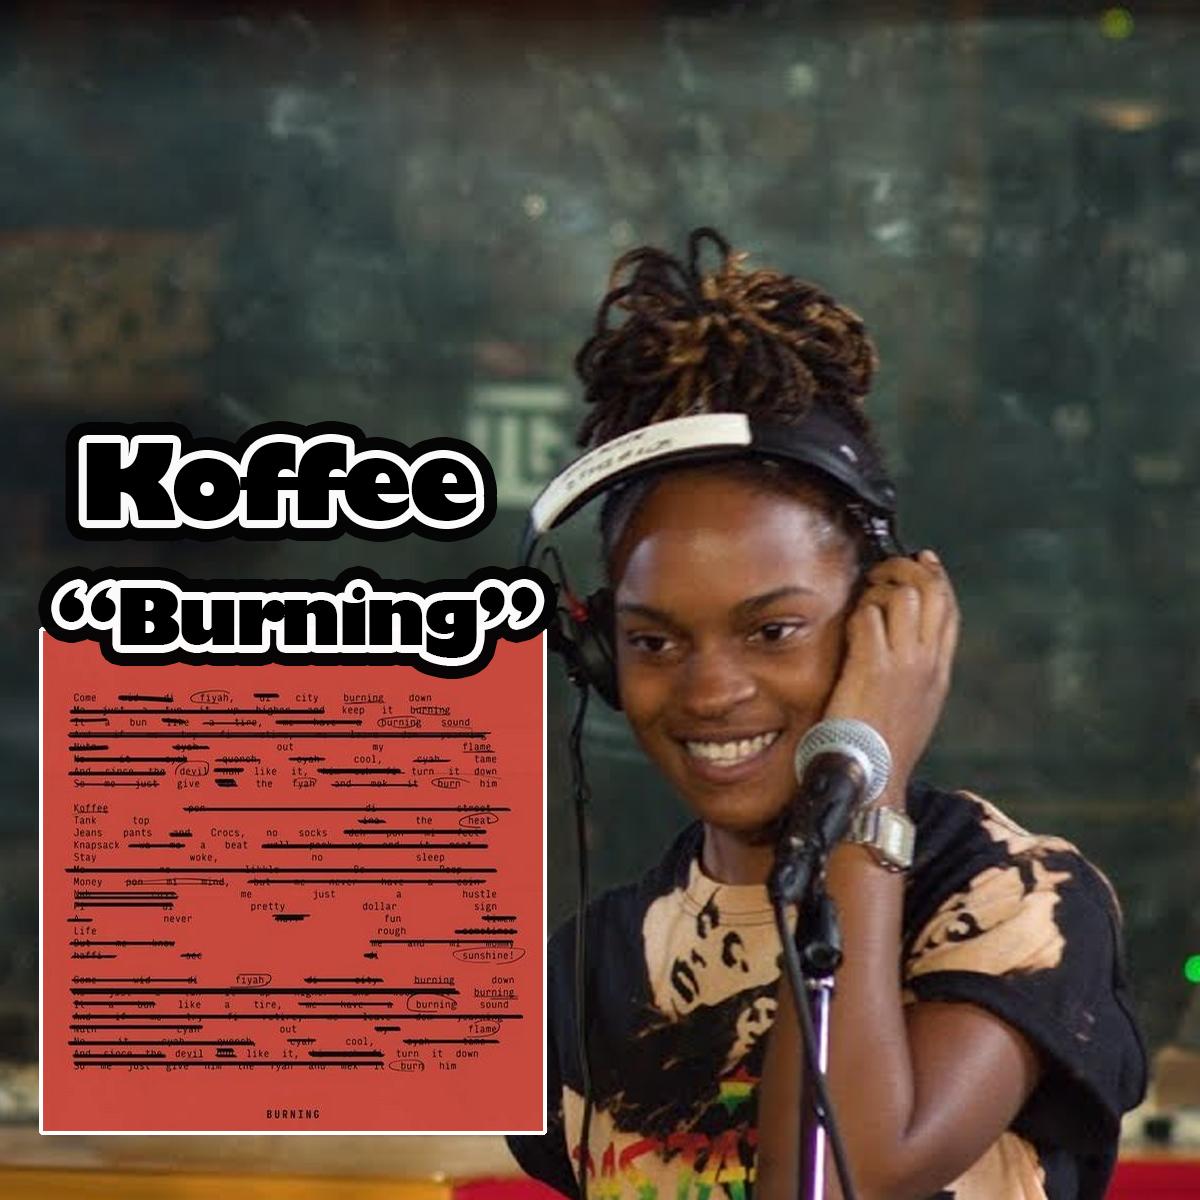 Koffee-BurningFeature